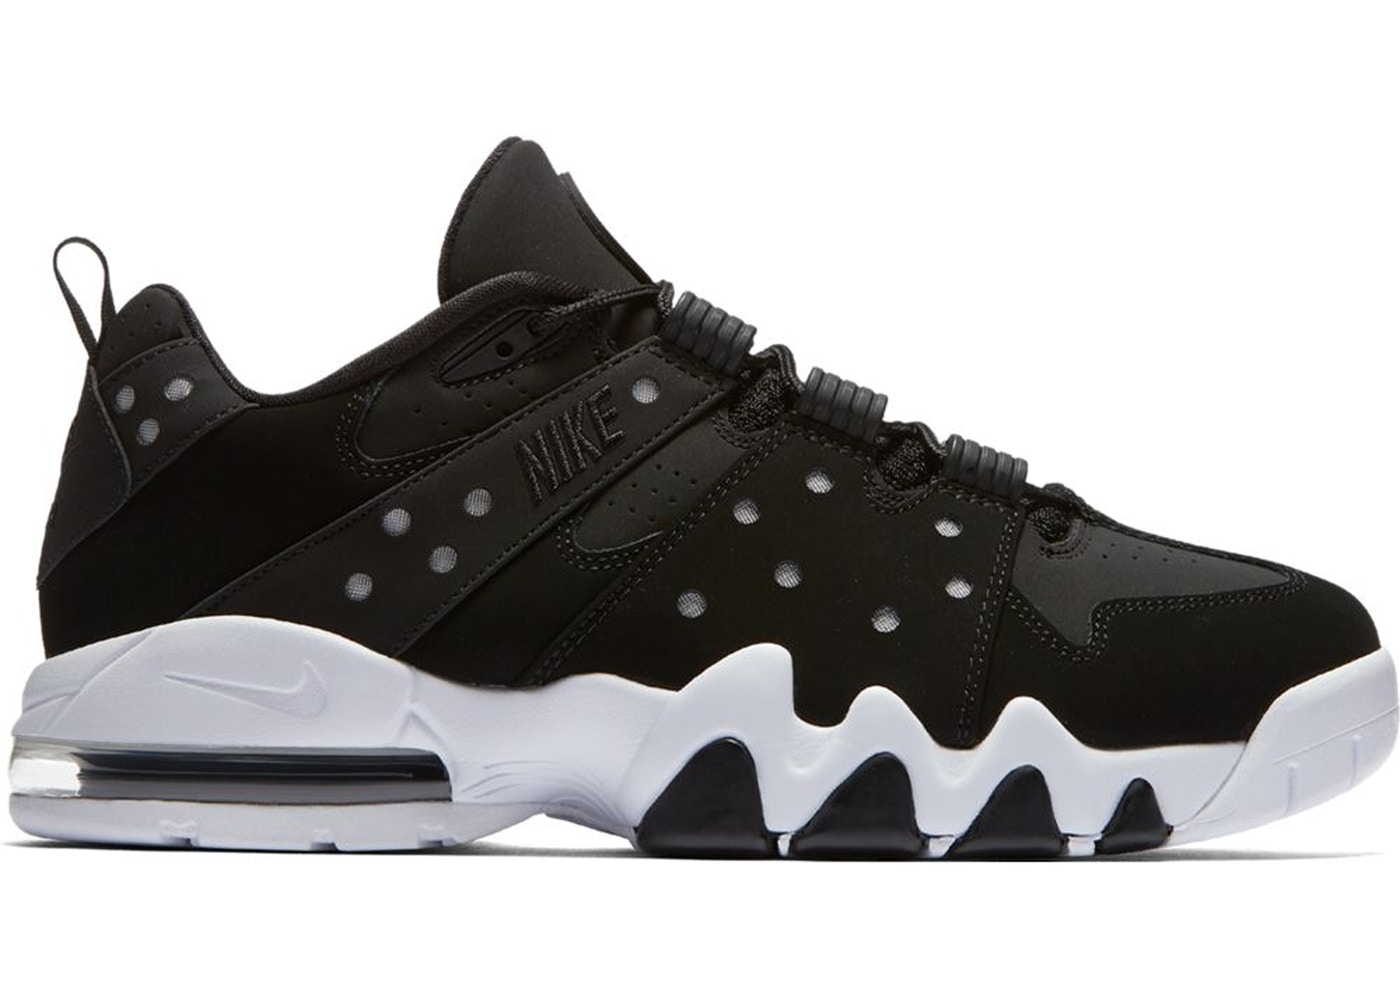 Nike Air Max 2 CB 94 Low Black White